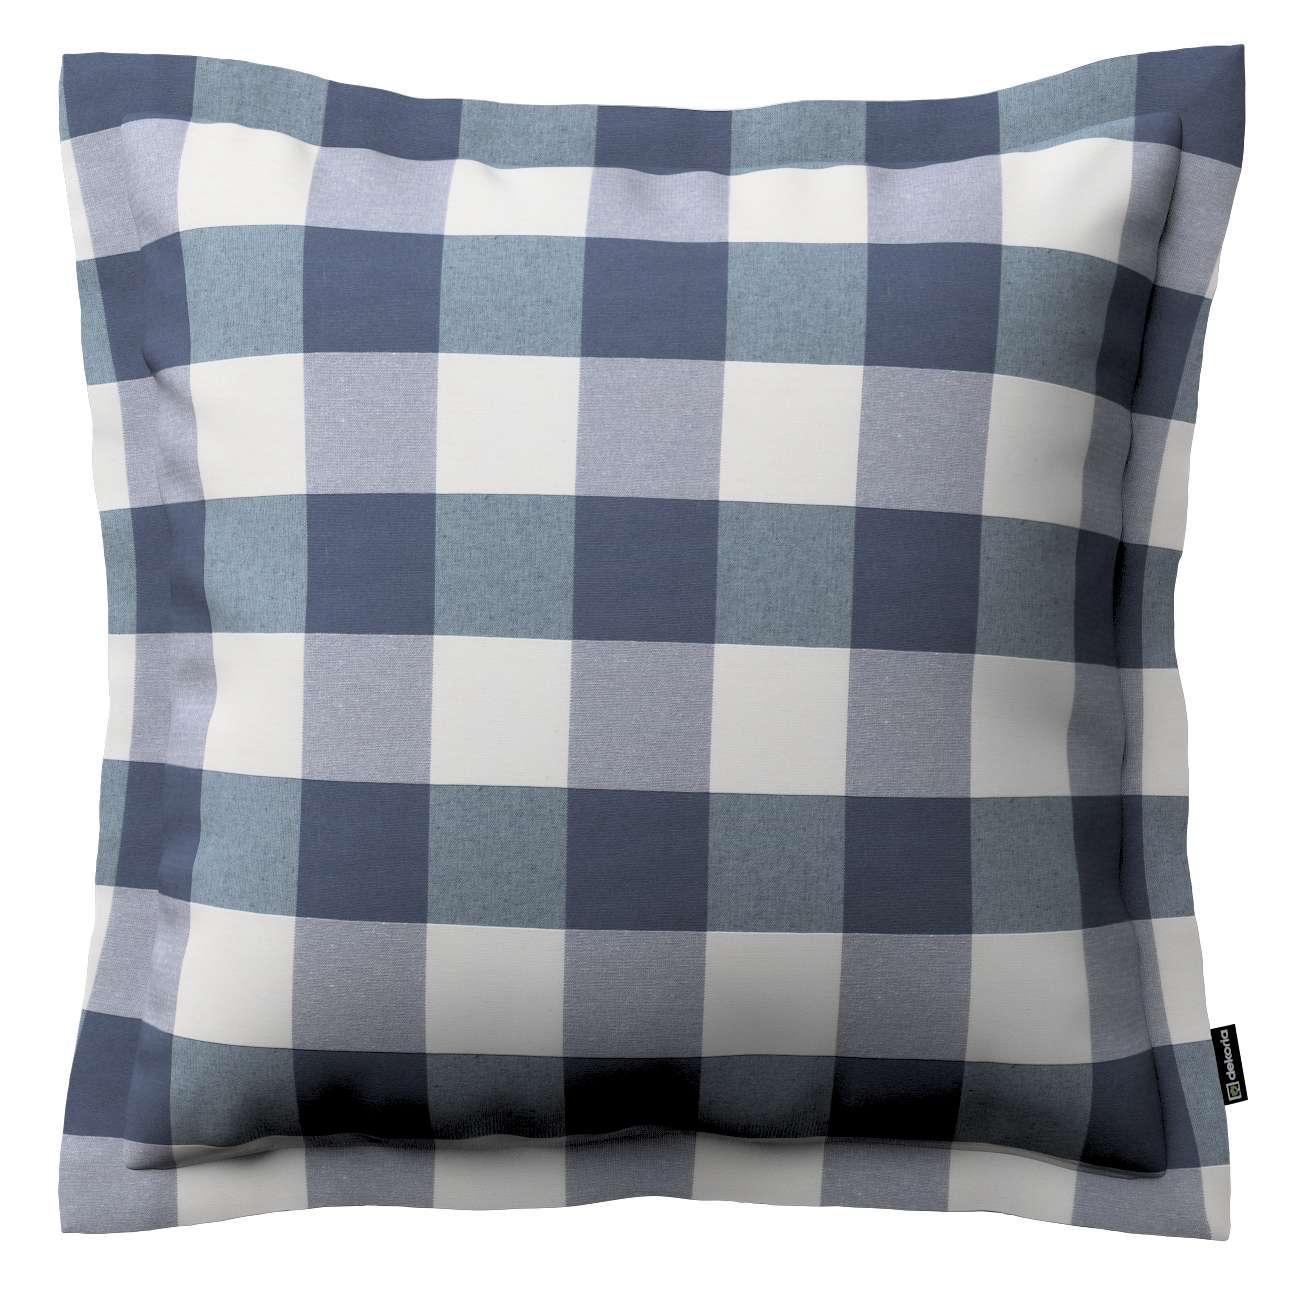 Mona dekoratyvinių pagalvėlių užvalkalas su sienele 38 x 38 cm kolekcijoje Quadro, audinys: 136-03